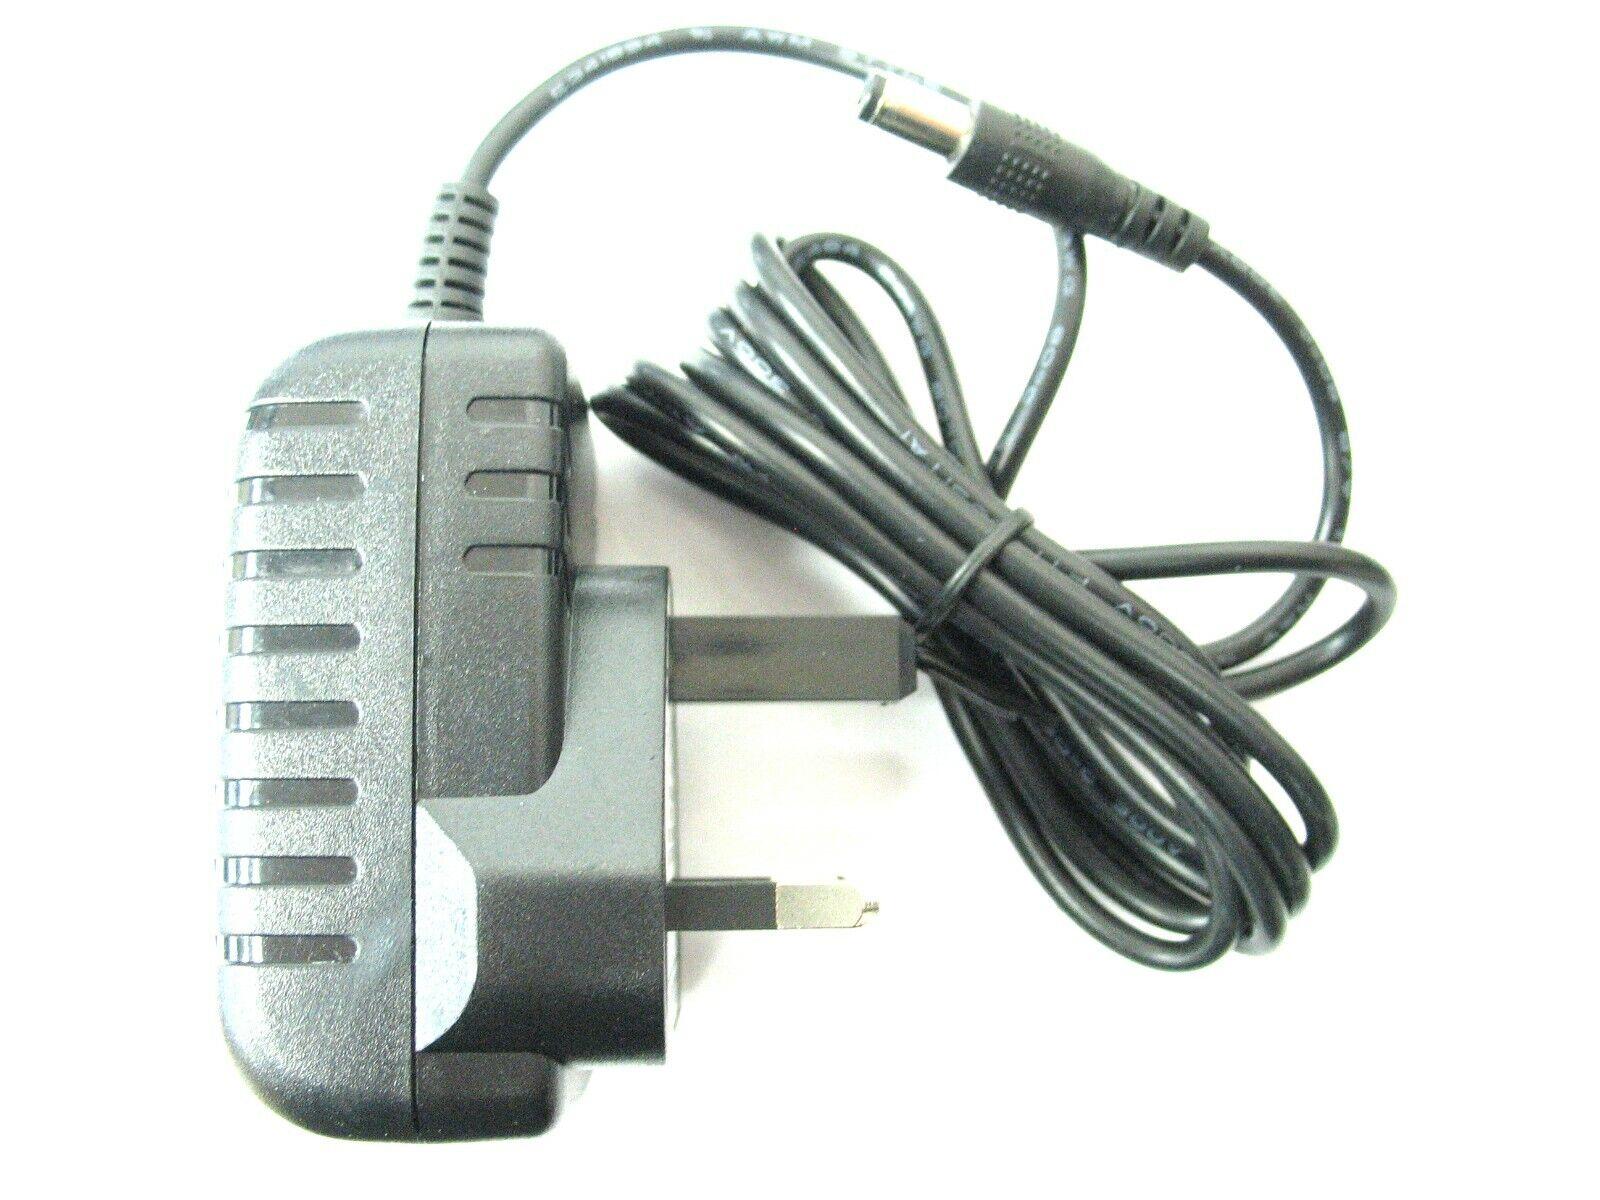 0.5 amp 18 volt AC-DC Mains Regulated Power Adaptor/Supply/Charger (9 watt)